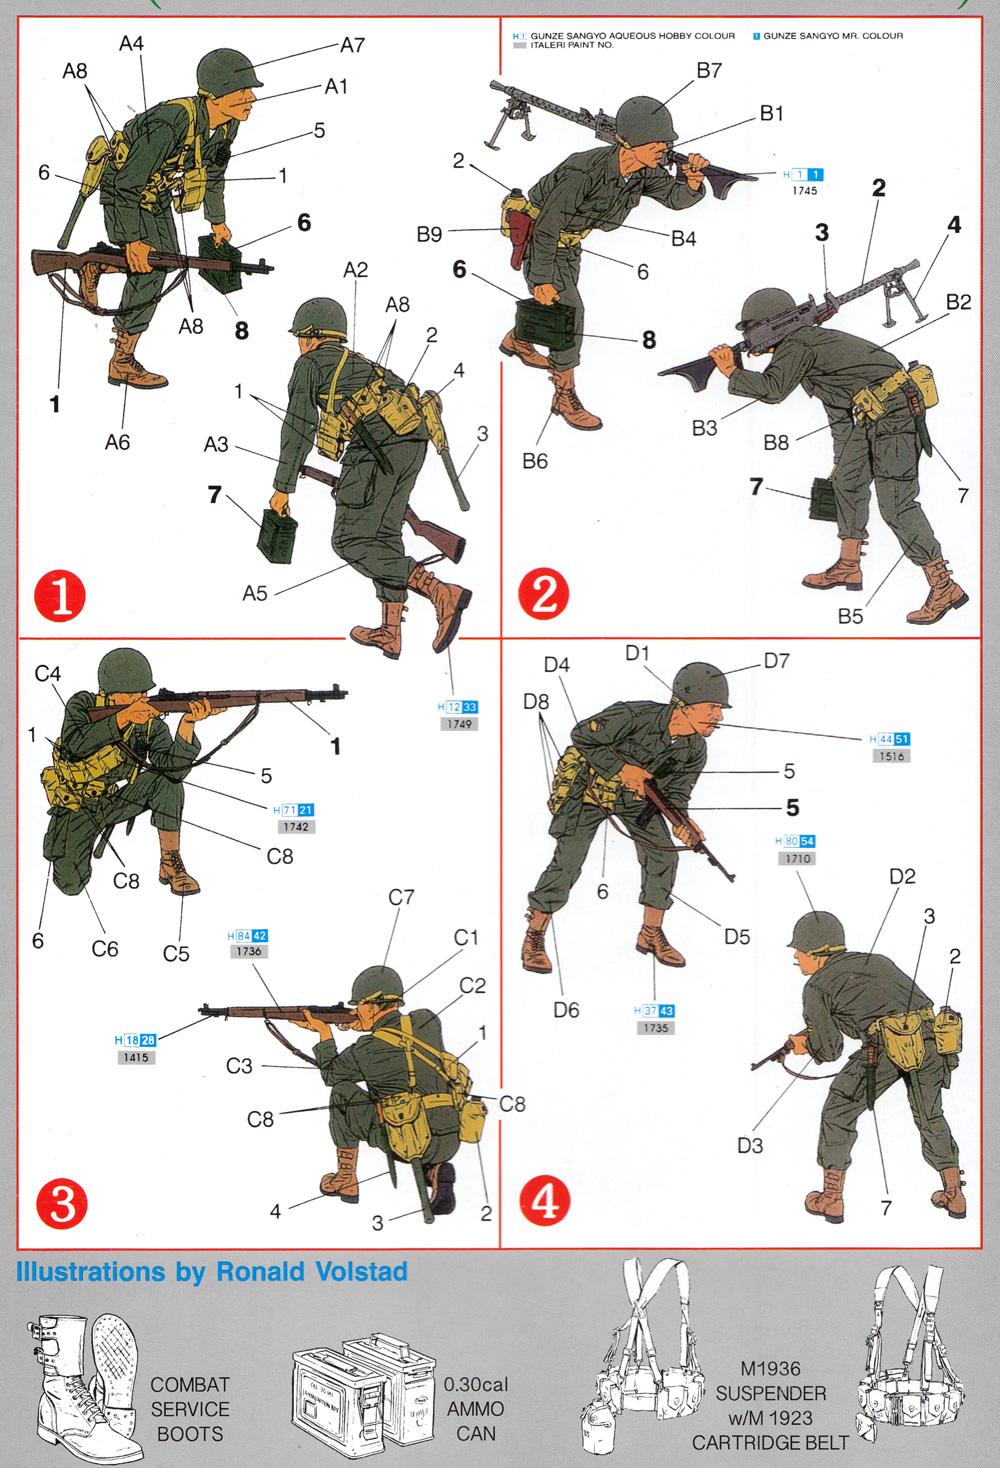 アメリカ軍 G.I. 朝鮮戦争 釜山軍事防衛境界線 1950プラモデル(ドラゴン1/35 Korean War SeriesNo.6808)商品画像_1